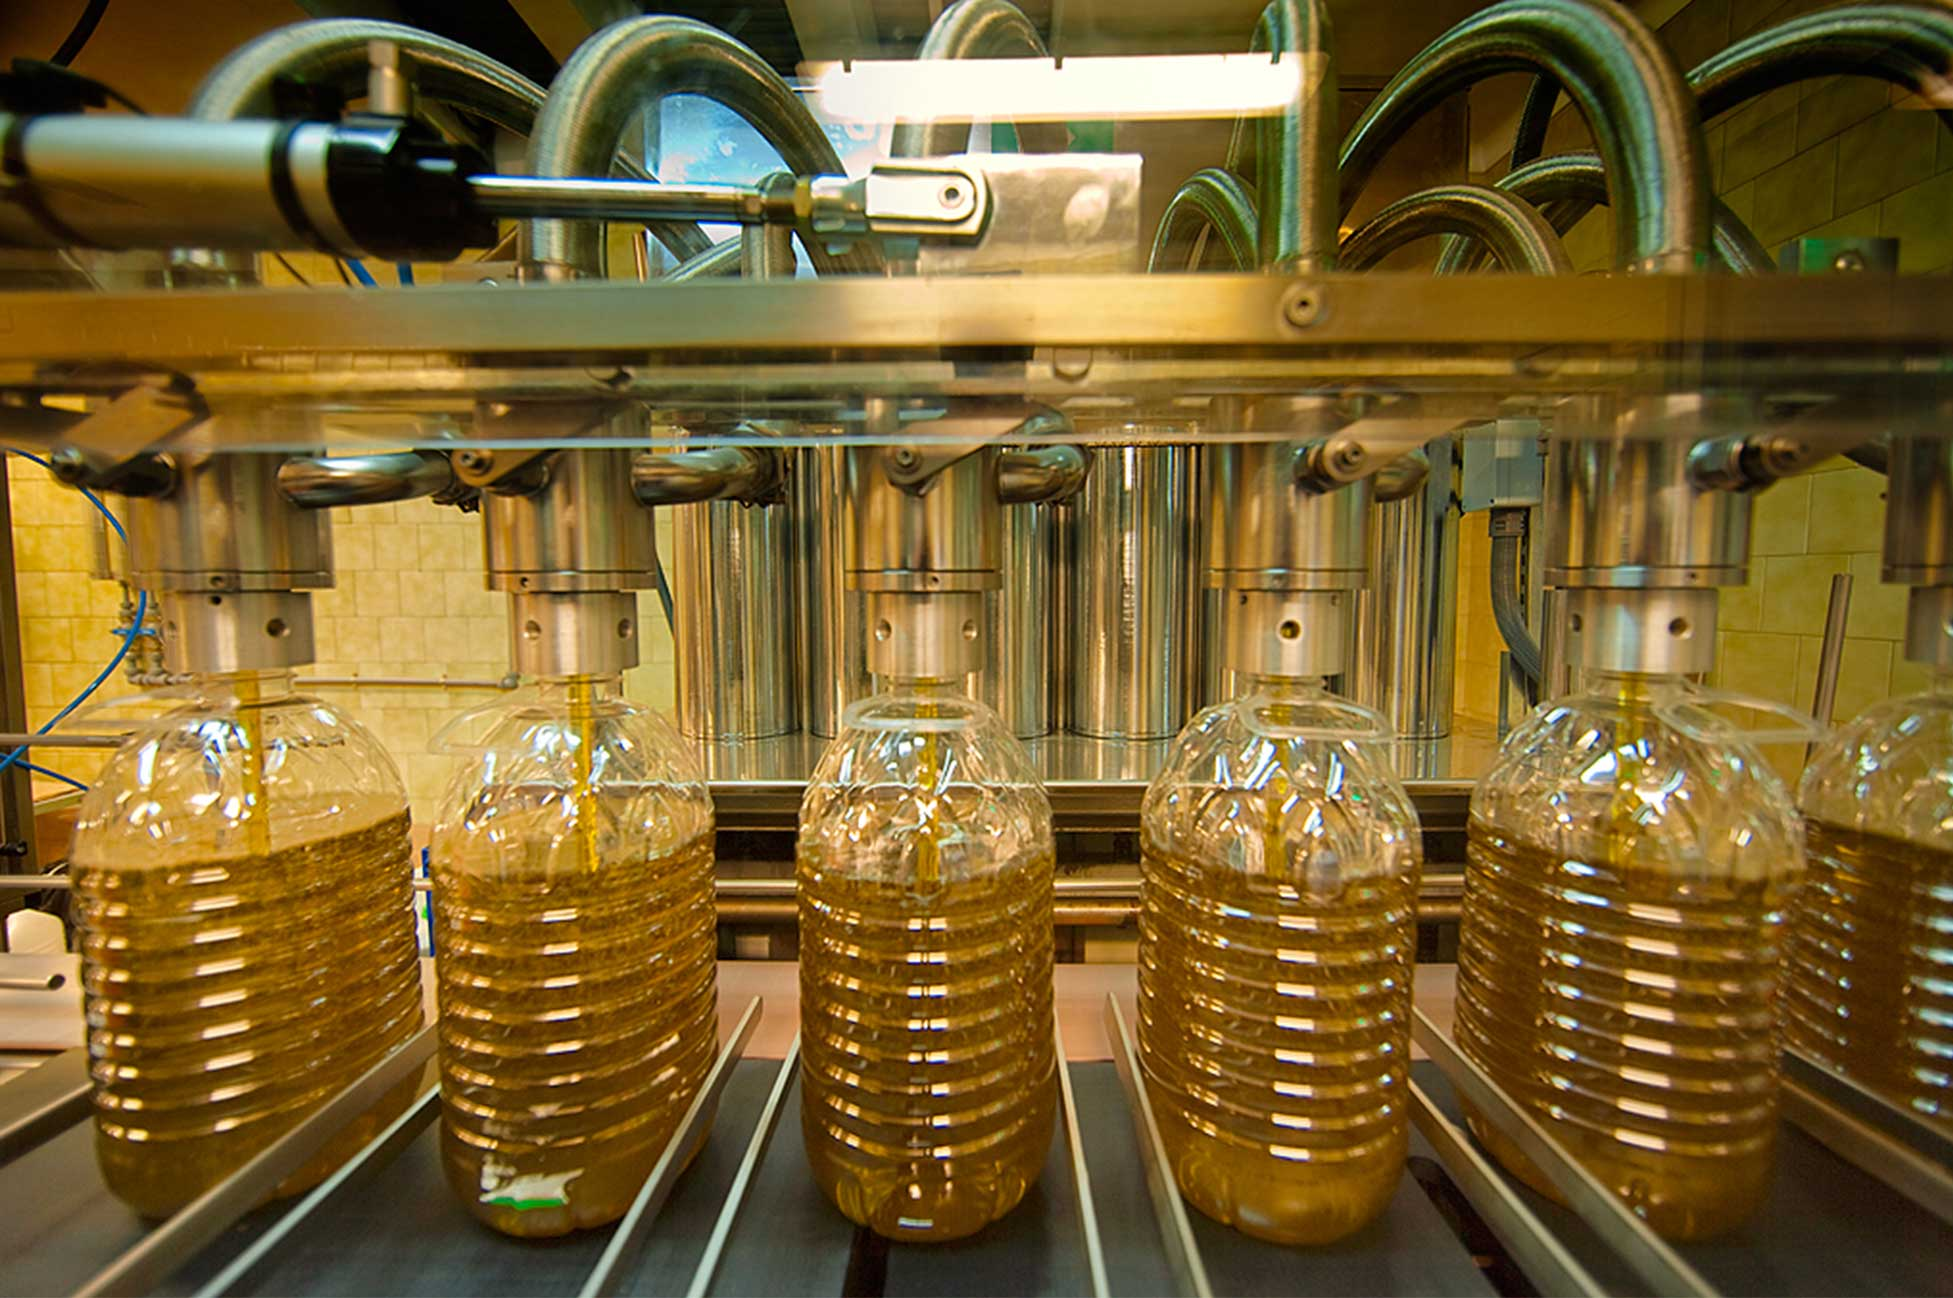 Les cooperatives de producció d'oli